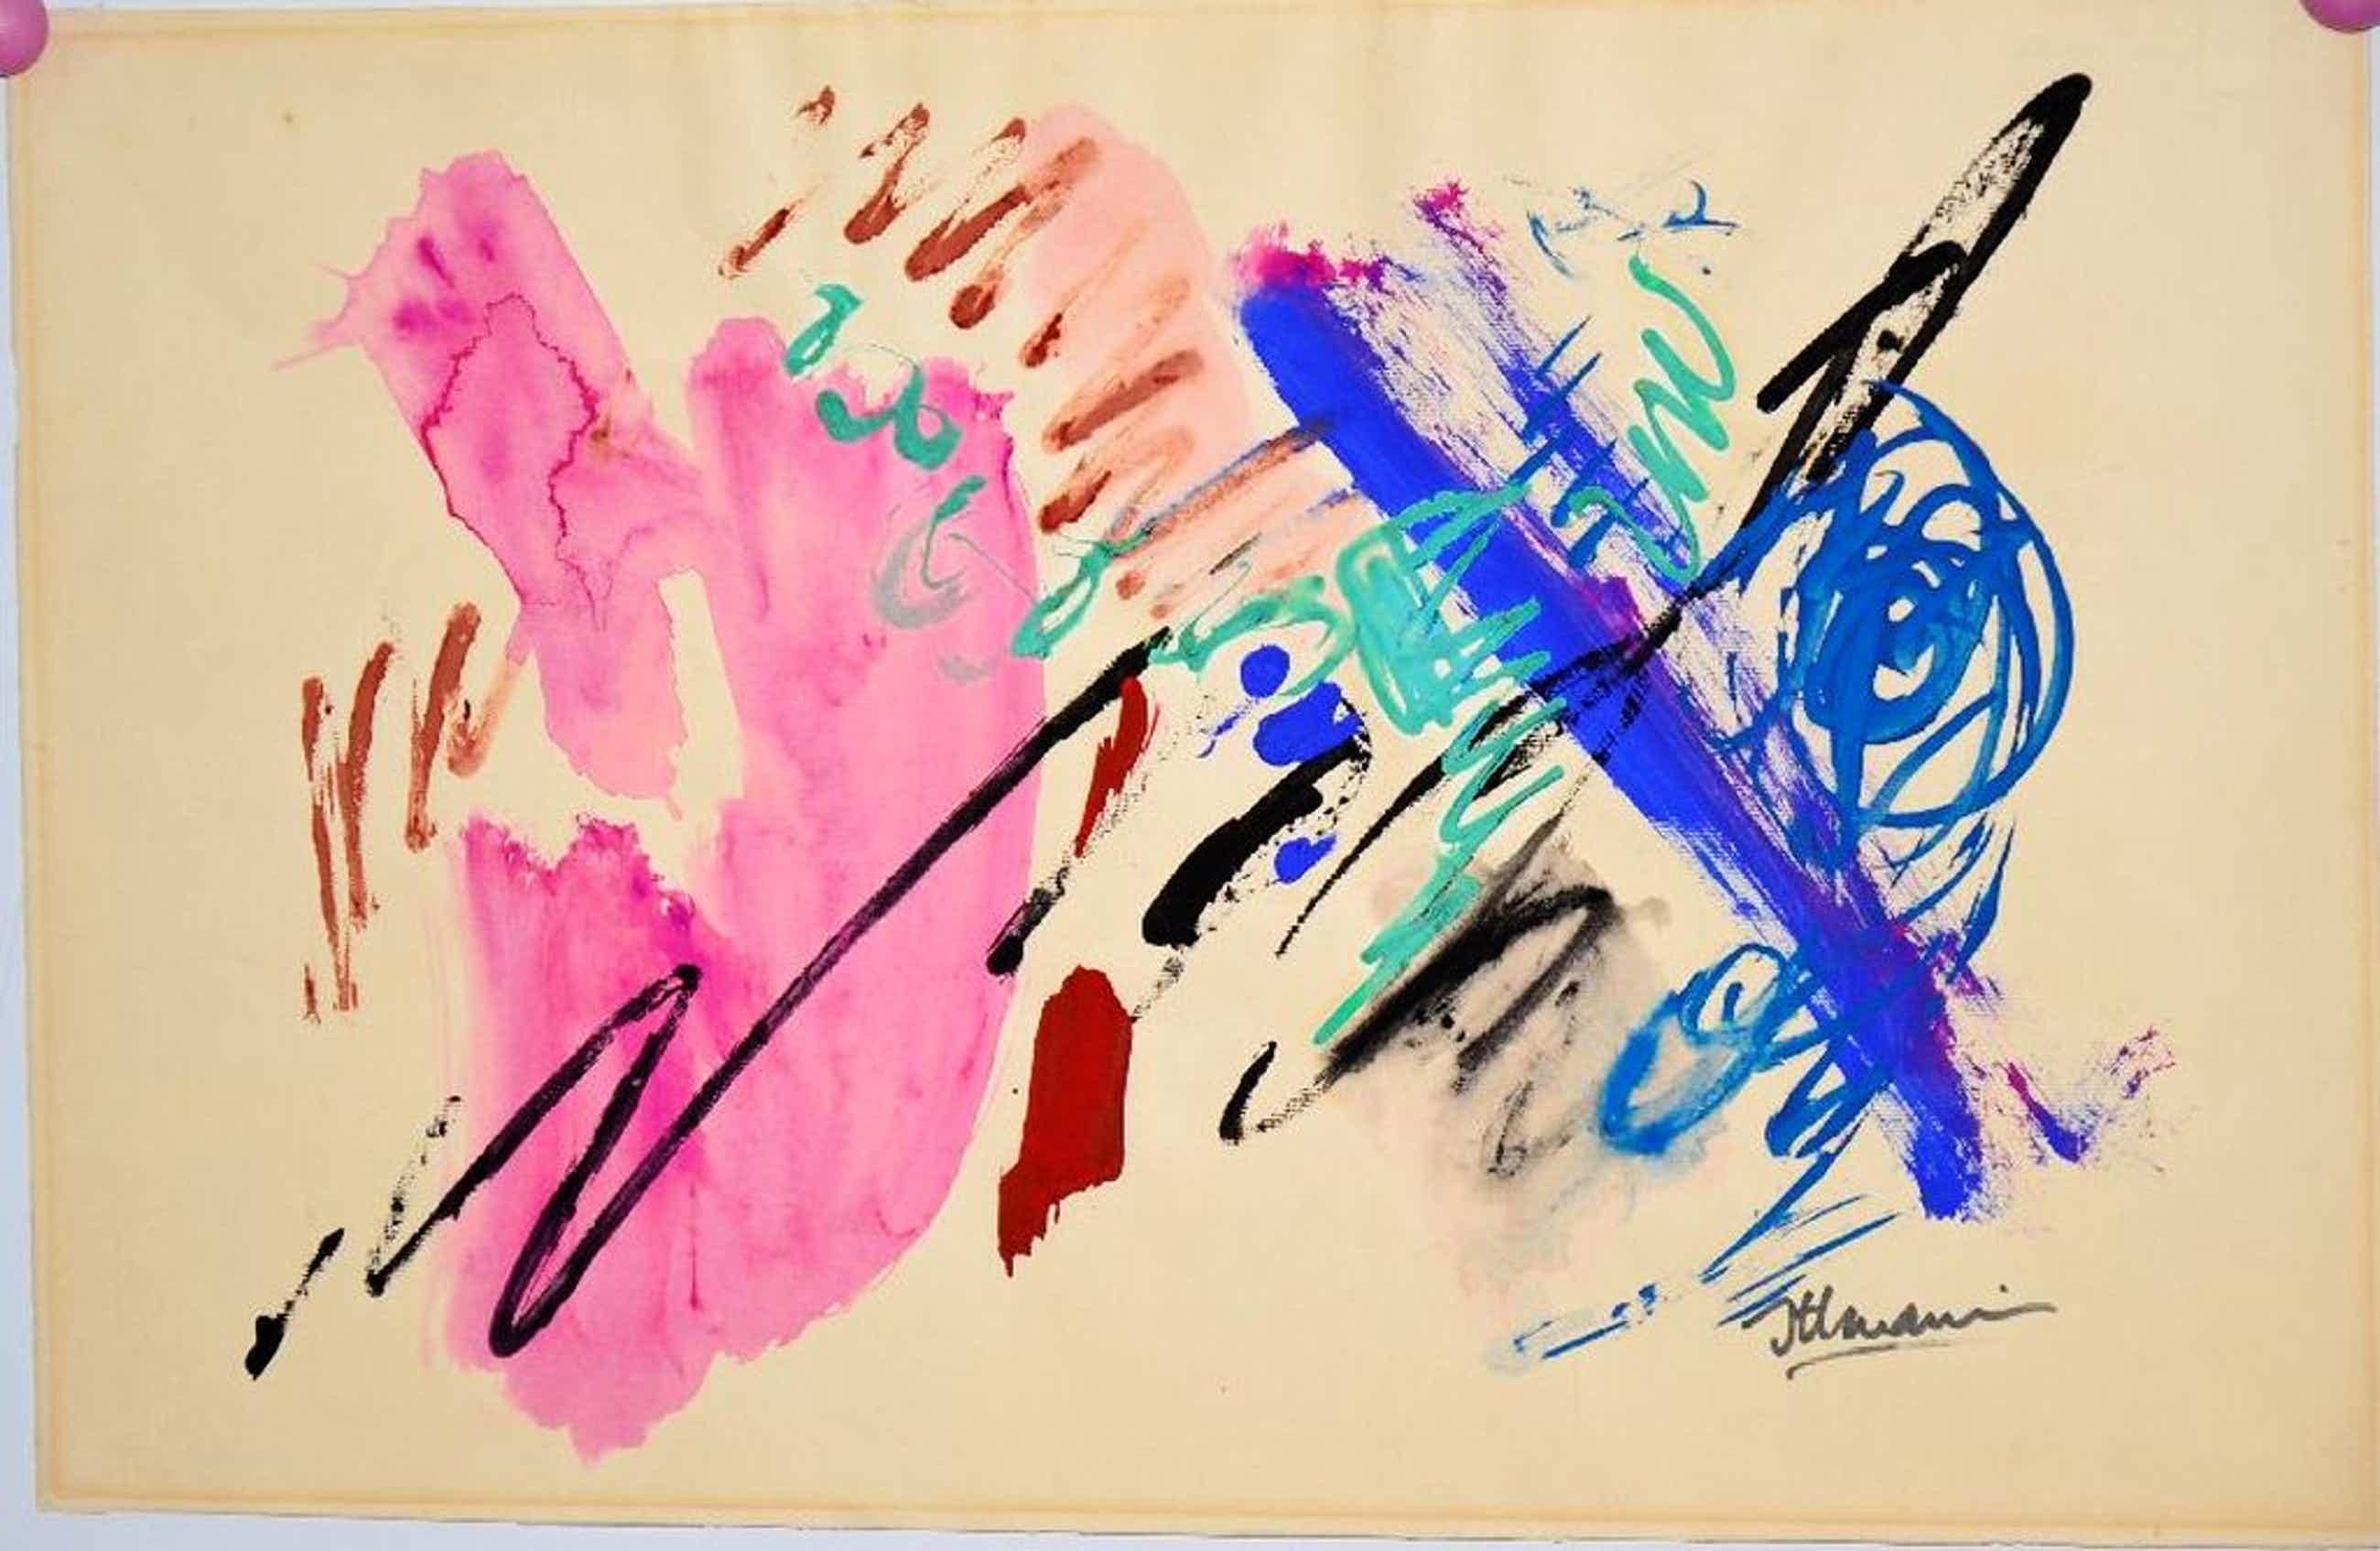 Hans Ittman: Gouache, Abstract kopen? Bied vanaf 75!